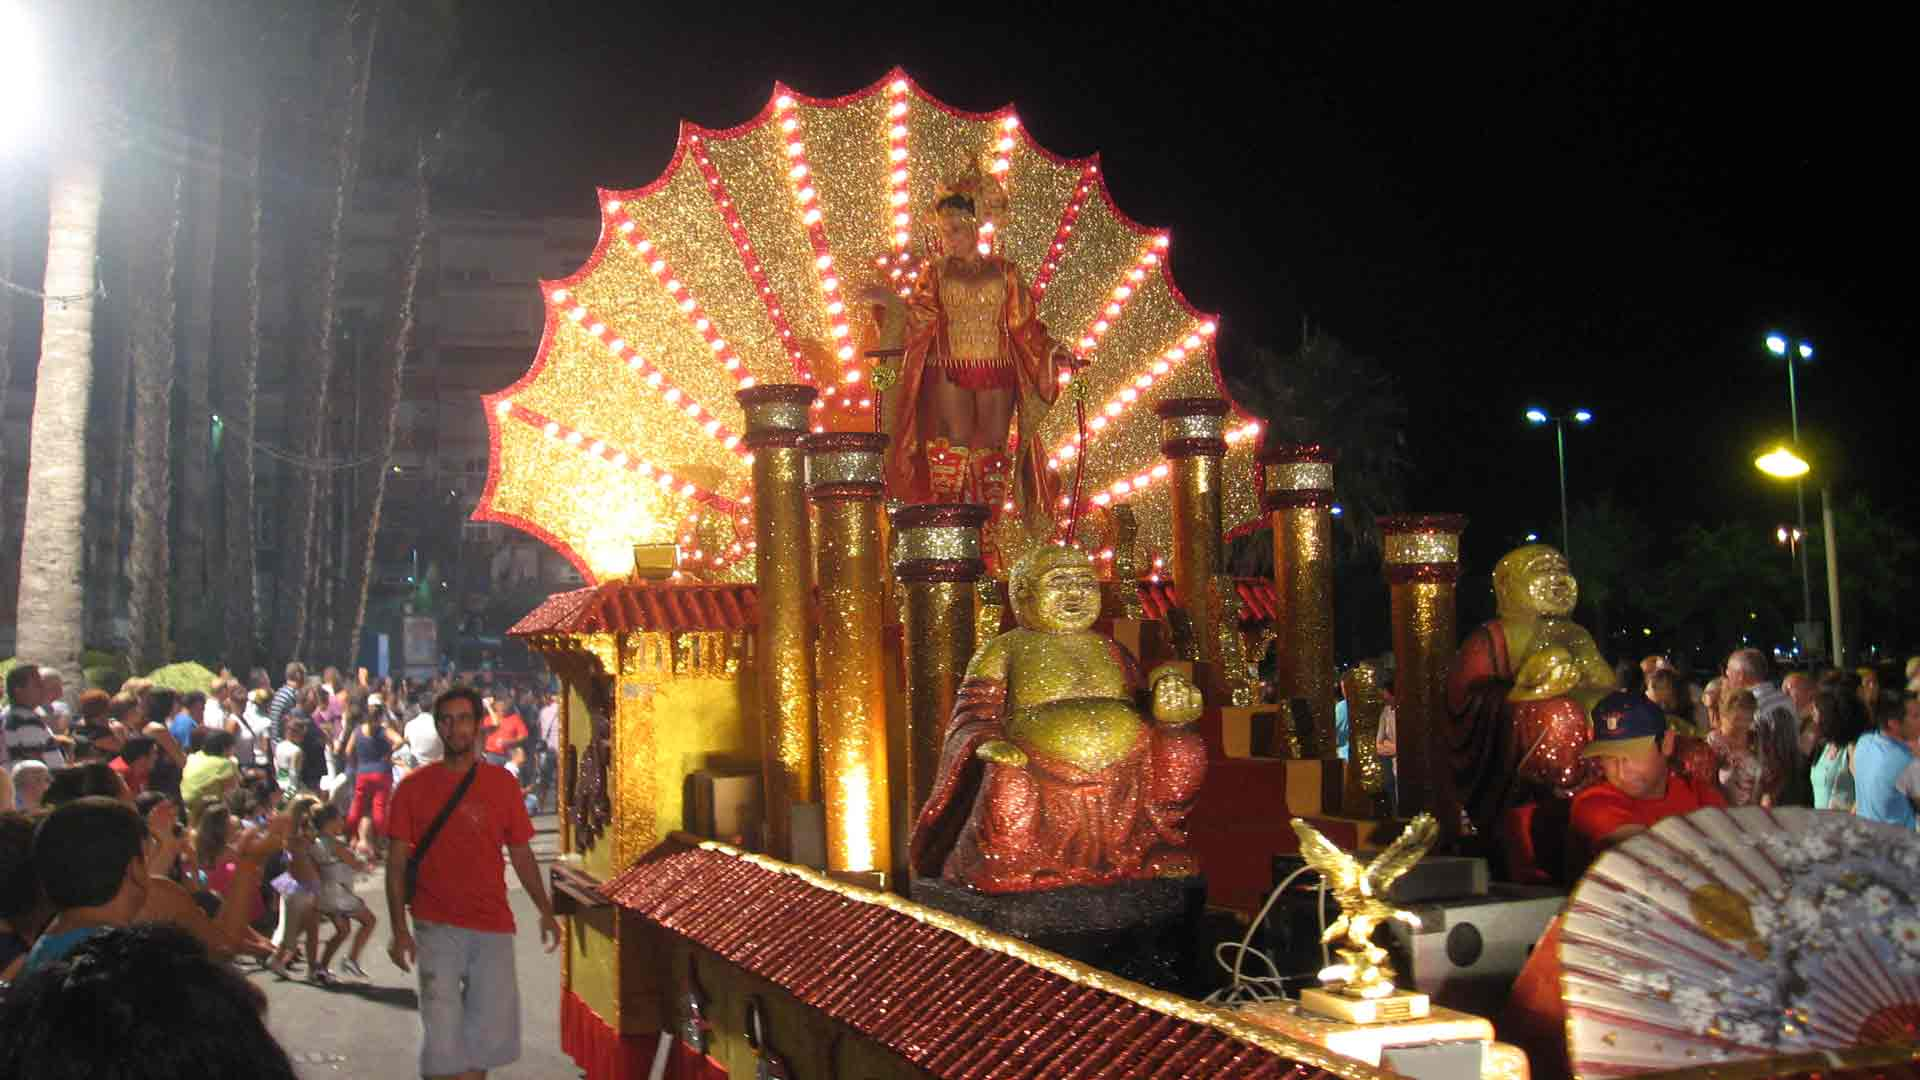 Carnaval-de-Águilas,-el-más-emblemático-de-Murcia-y-de-Interés-Turístico-Internacional--1920